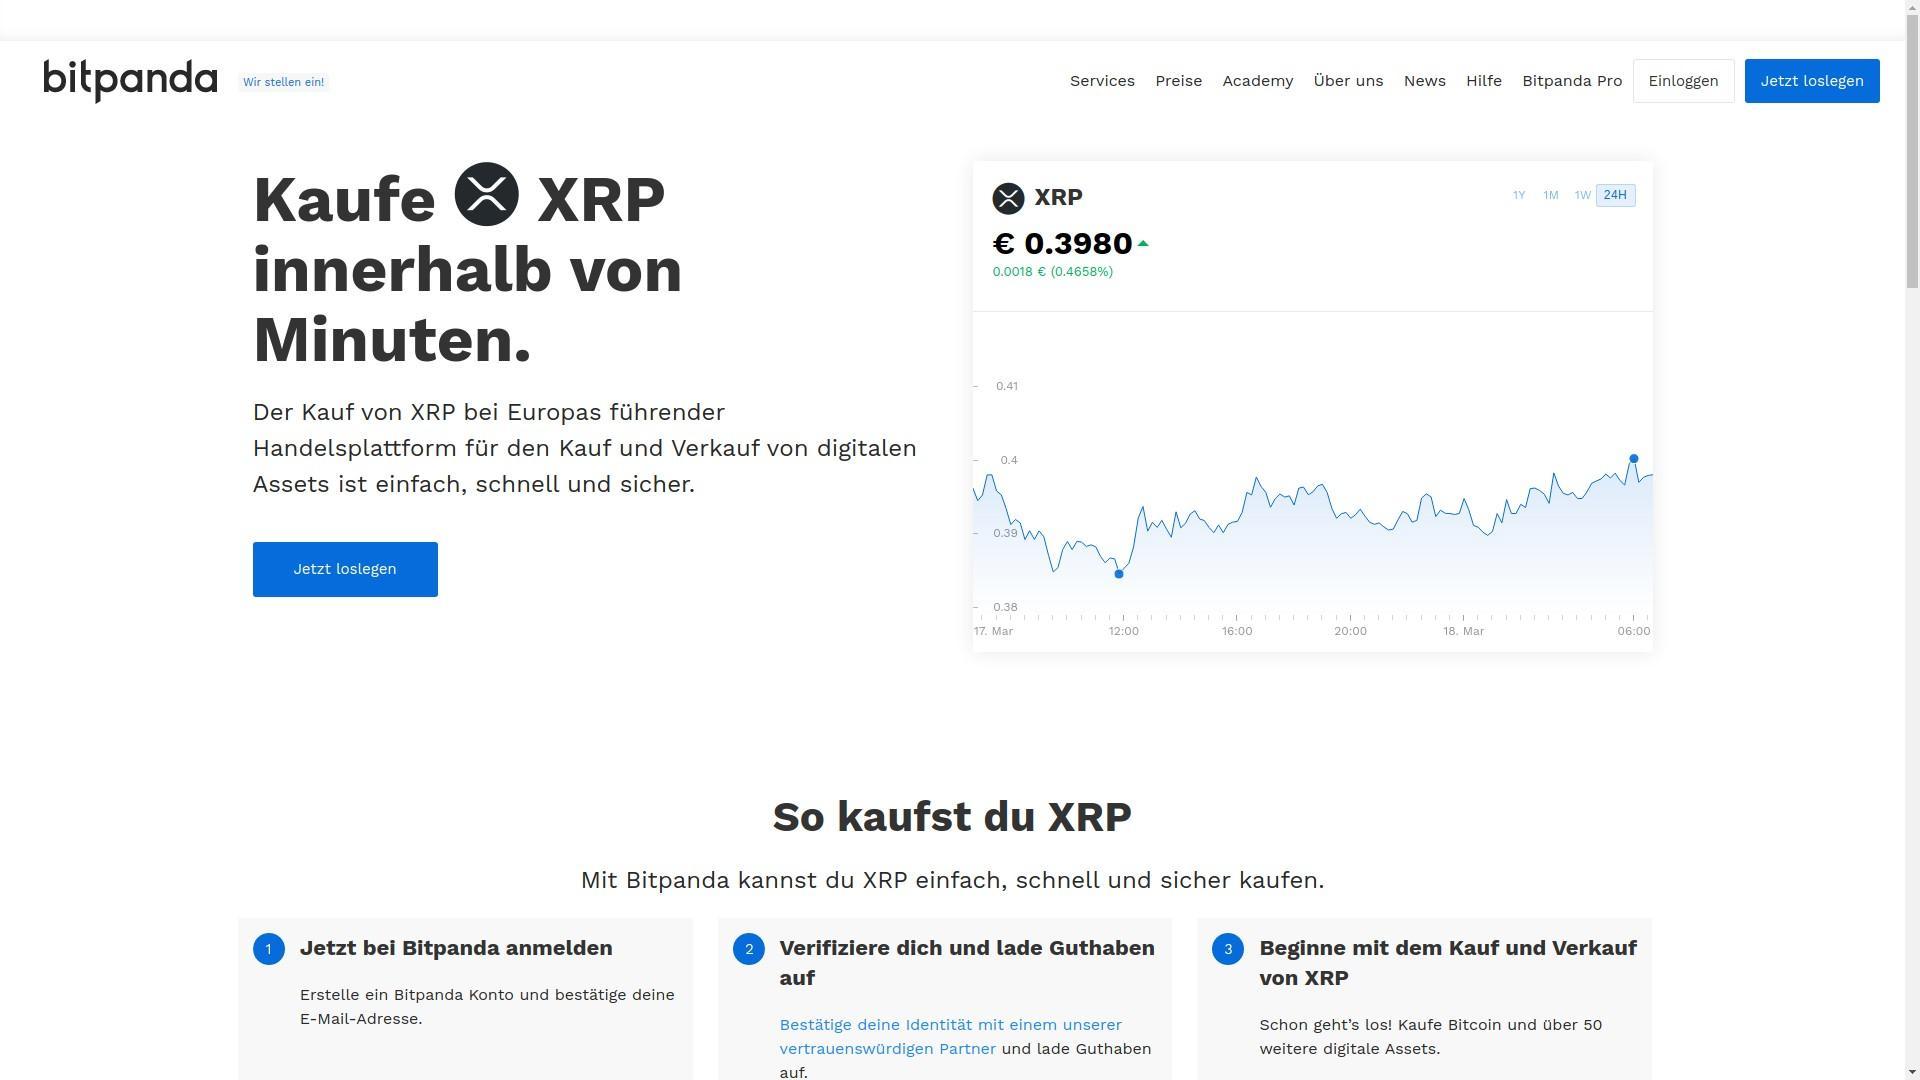 Um die Kryptowährung Ripple zu kaufen, können Sie beispielsweise die Seite Bitpanda nutzen